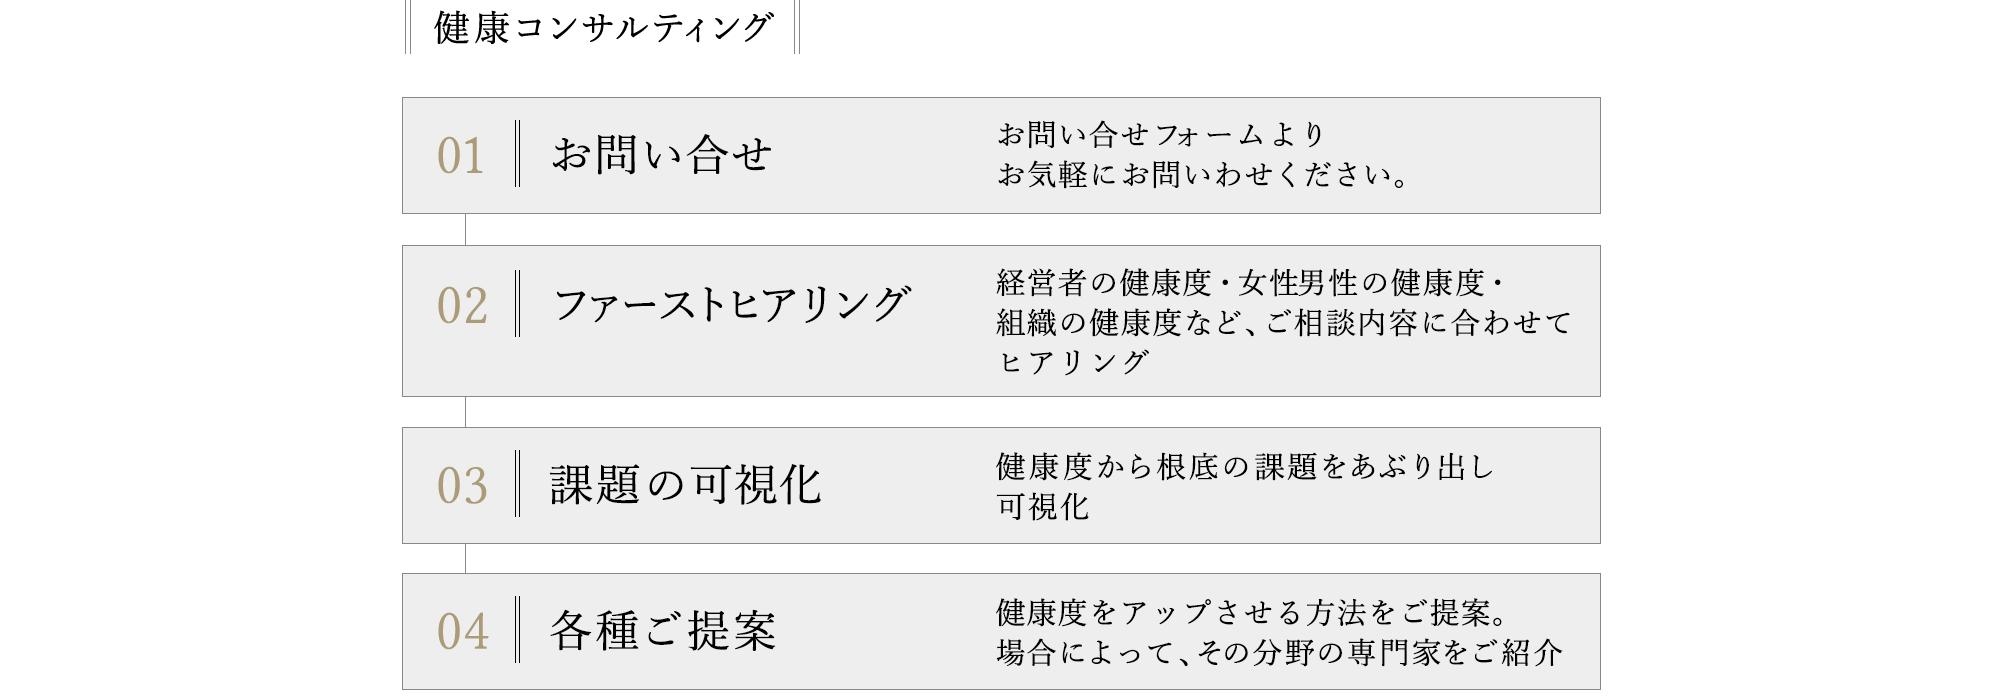 サービスフロー_健康コンサル